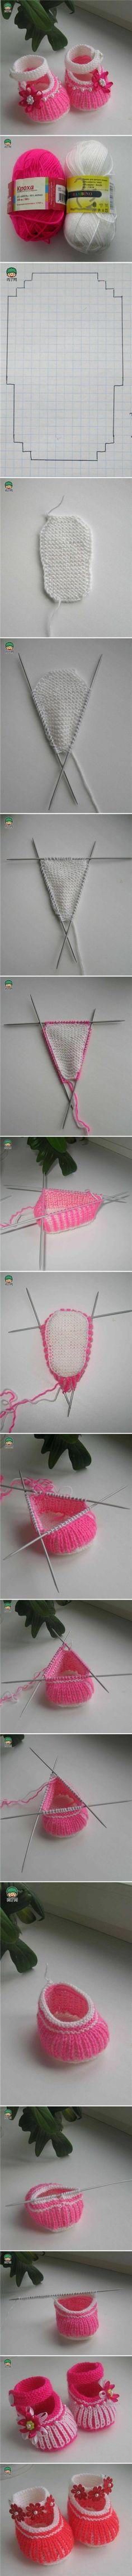 DIY Cute Knit Baby Shoes DIY Cute Knit Baby Shoes by diyforever